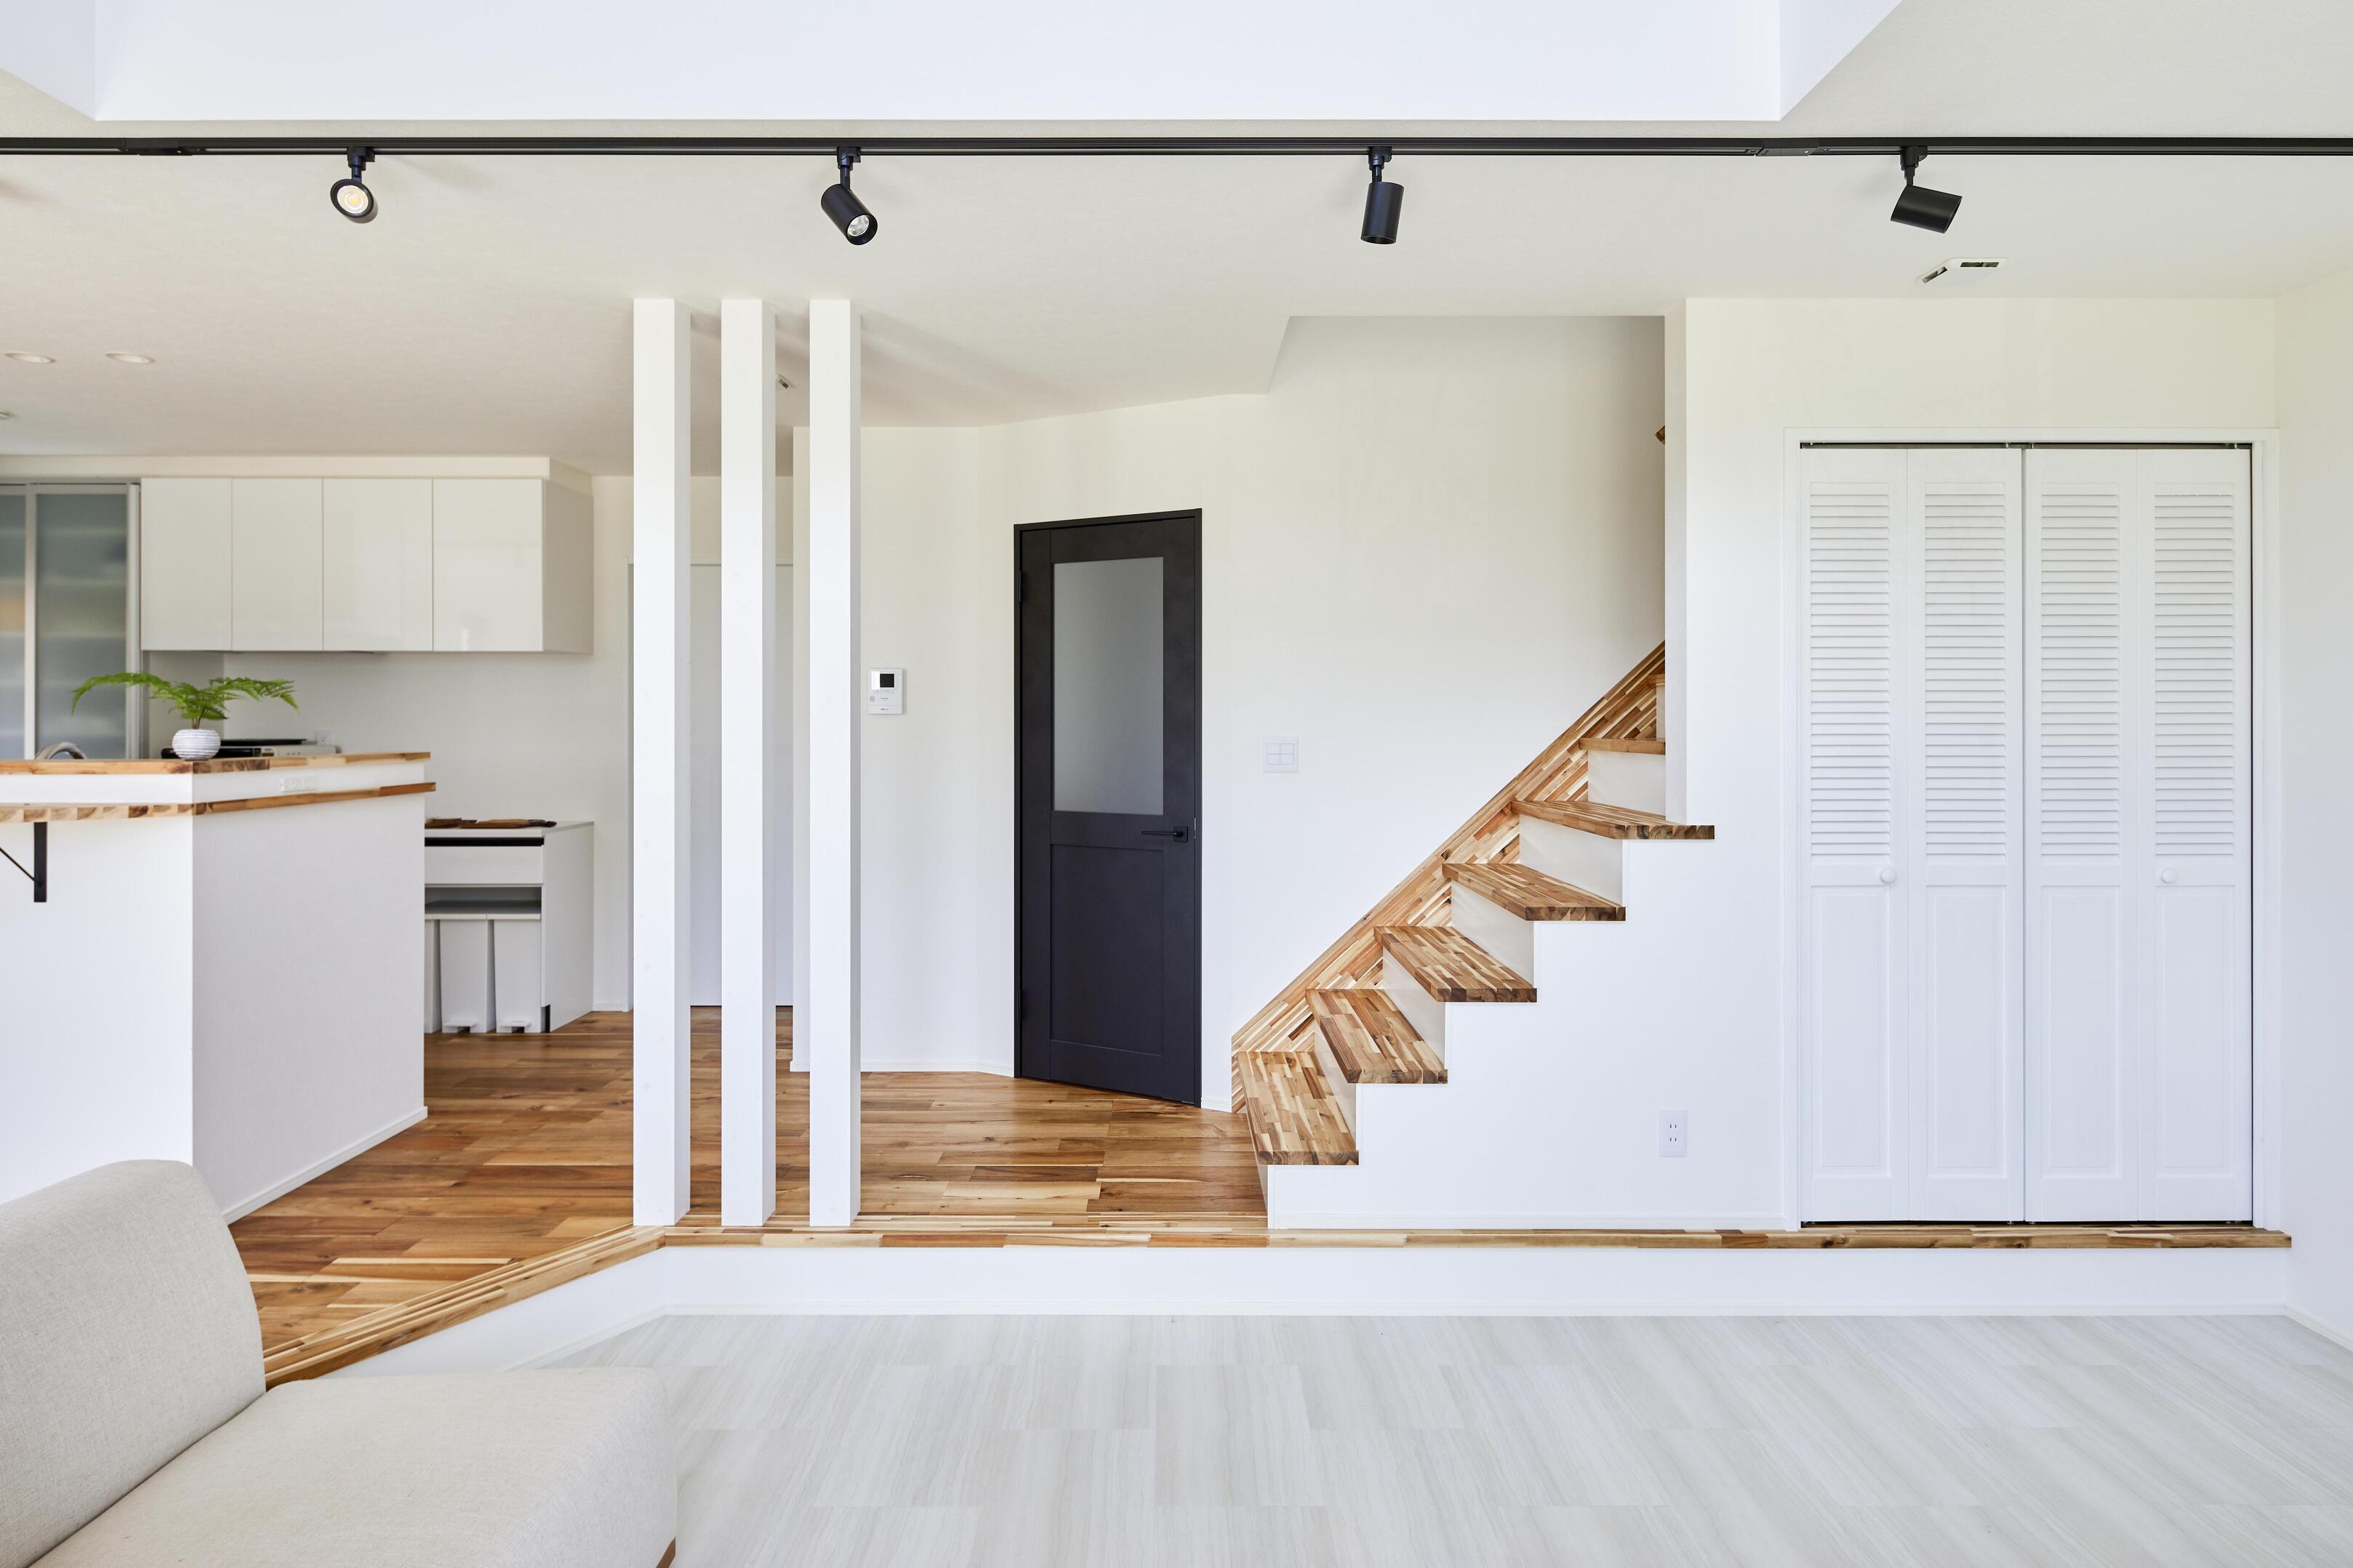 リビングスペースはキッチンダイニングから床を一段下げ、緩やかに空間を仕切っている